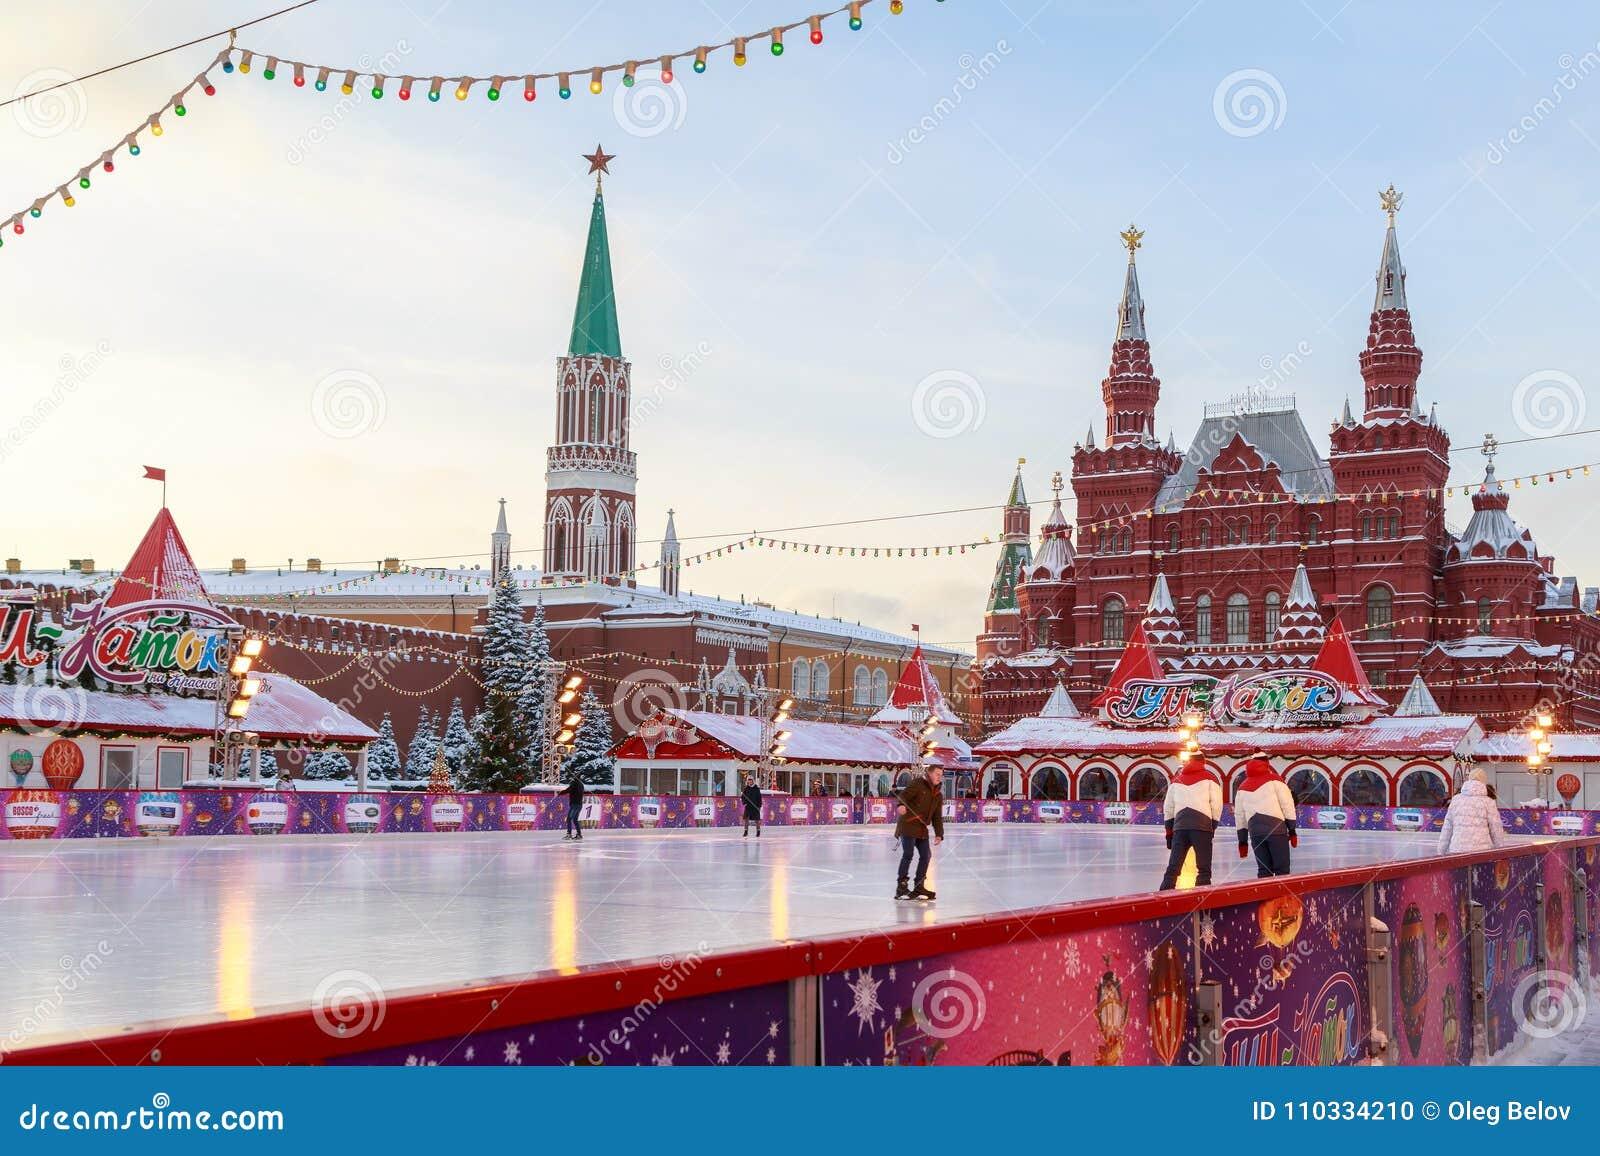 Ijs het schaatsen piste op het Rode Vierkant dichtbij de muren van Moskou het Kremlin